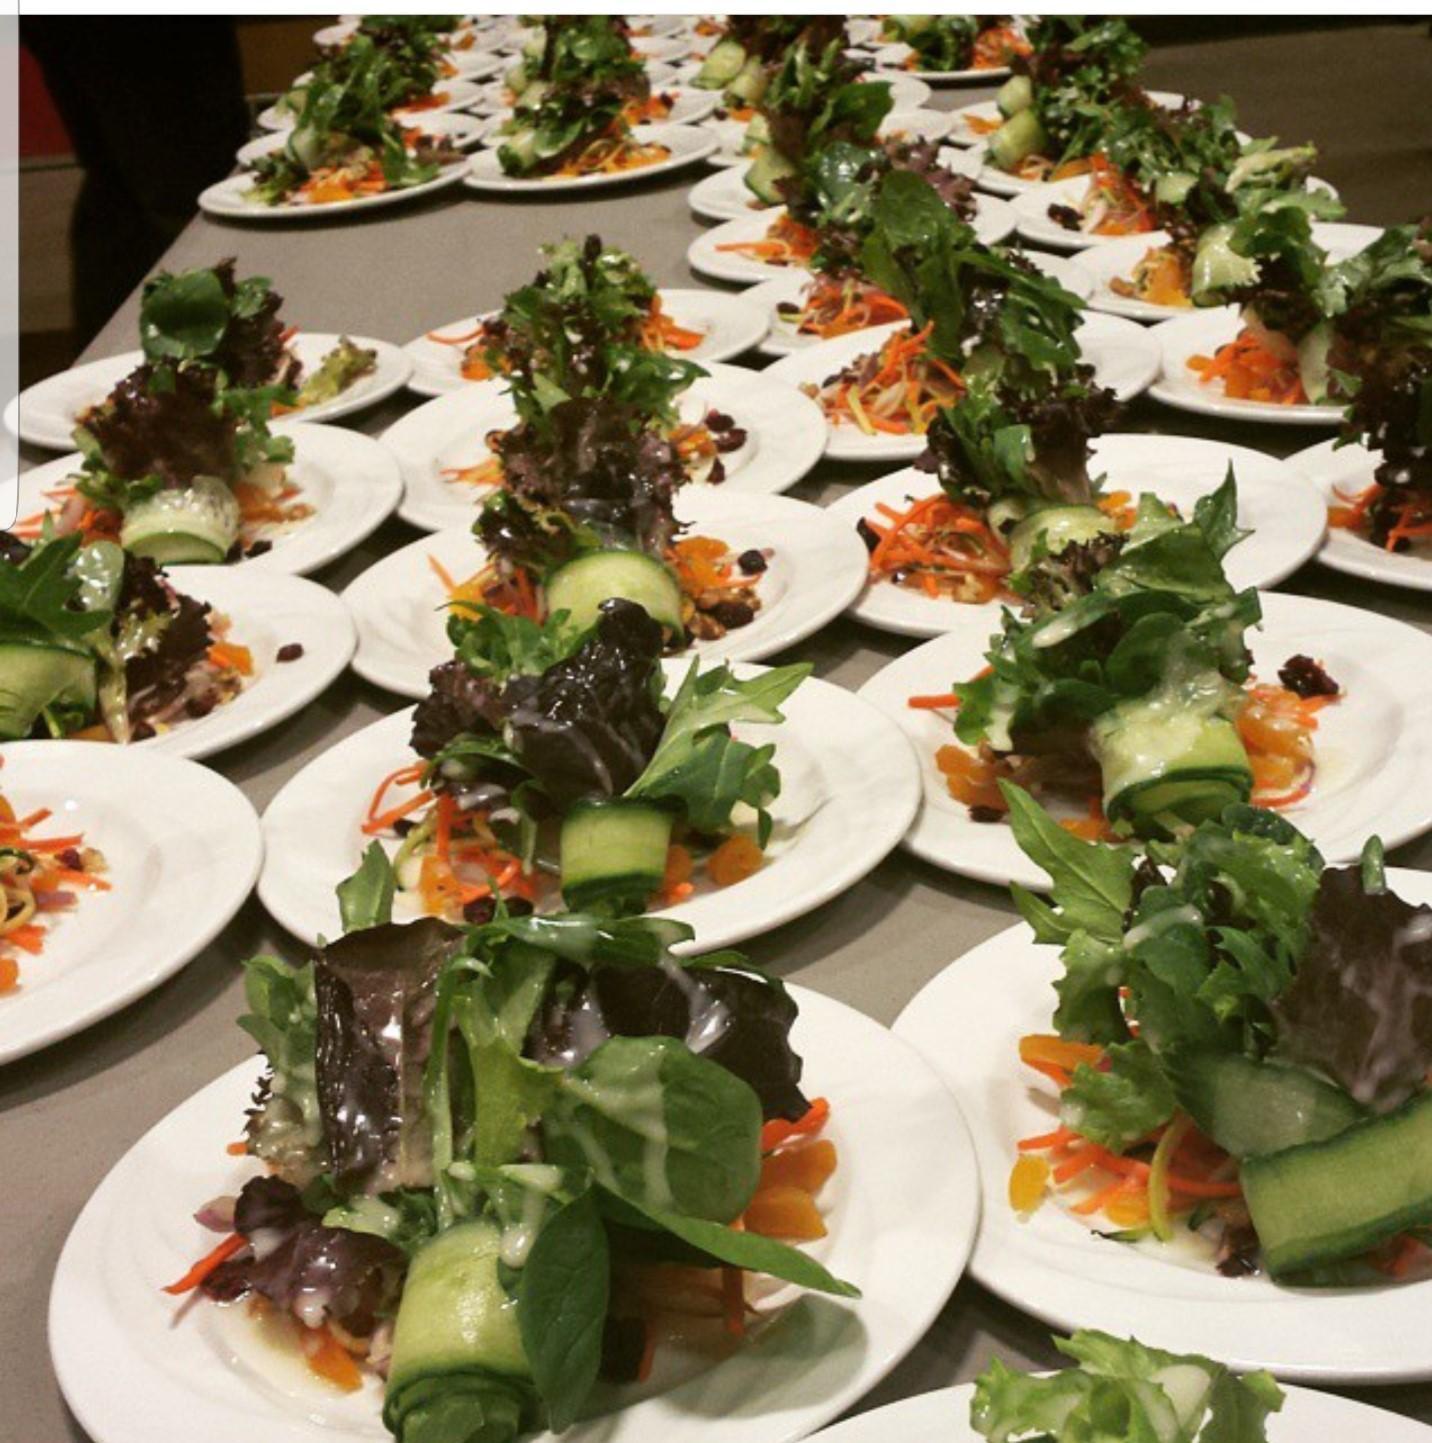 salad on plates